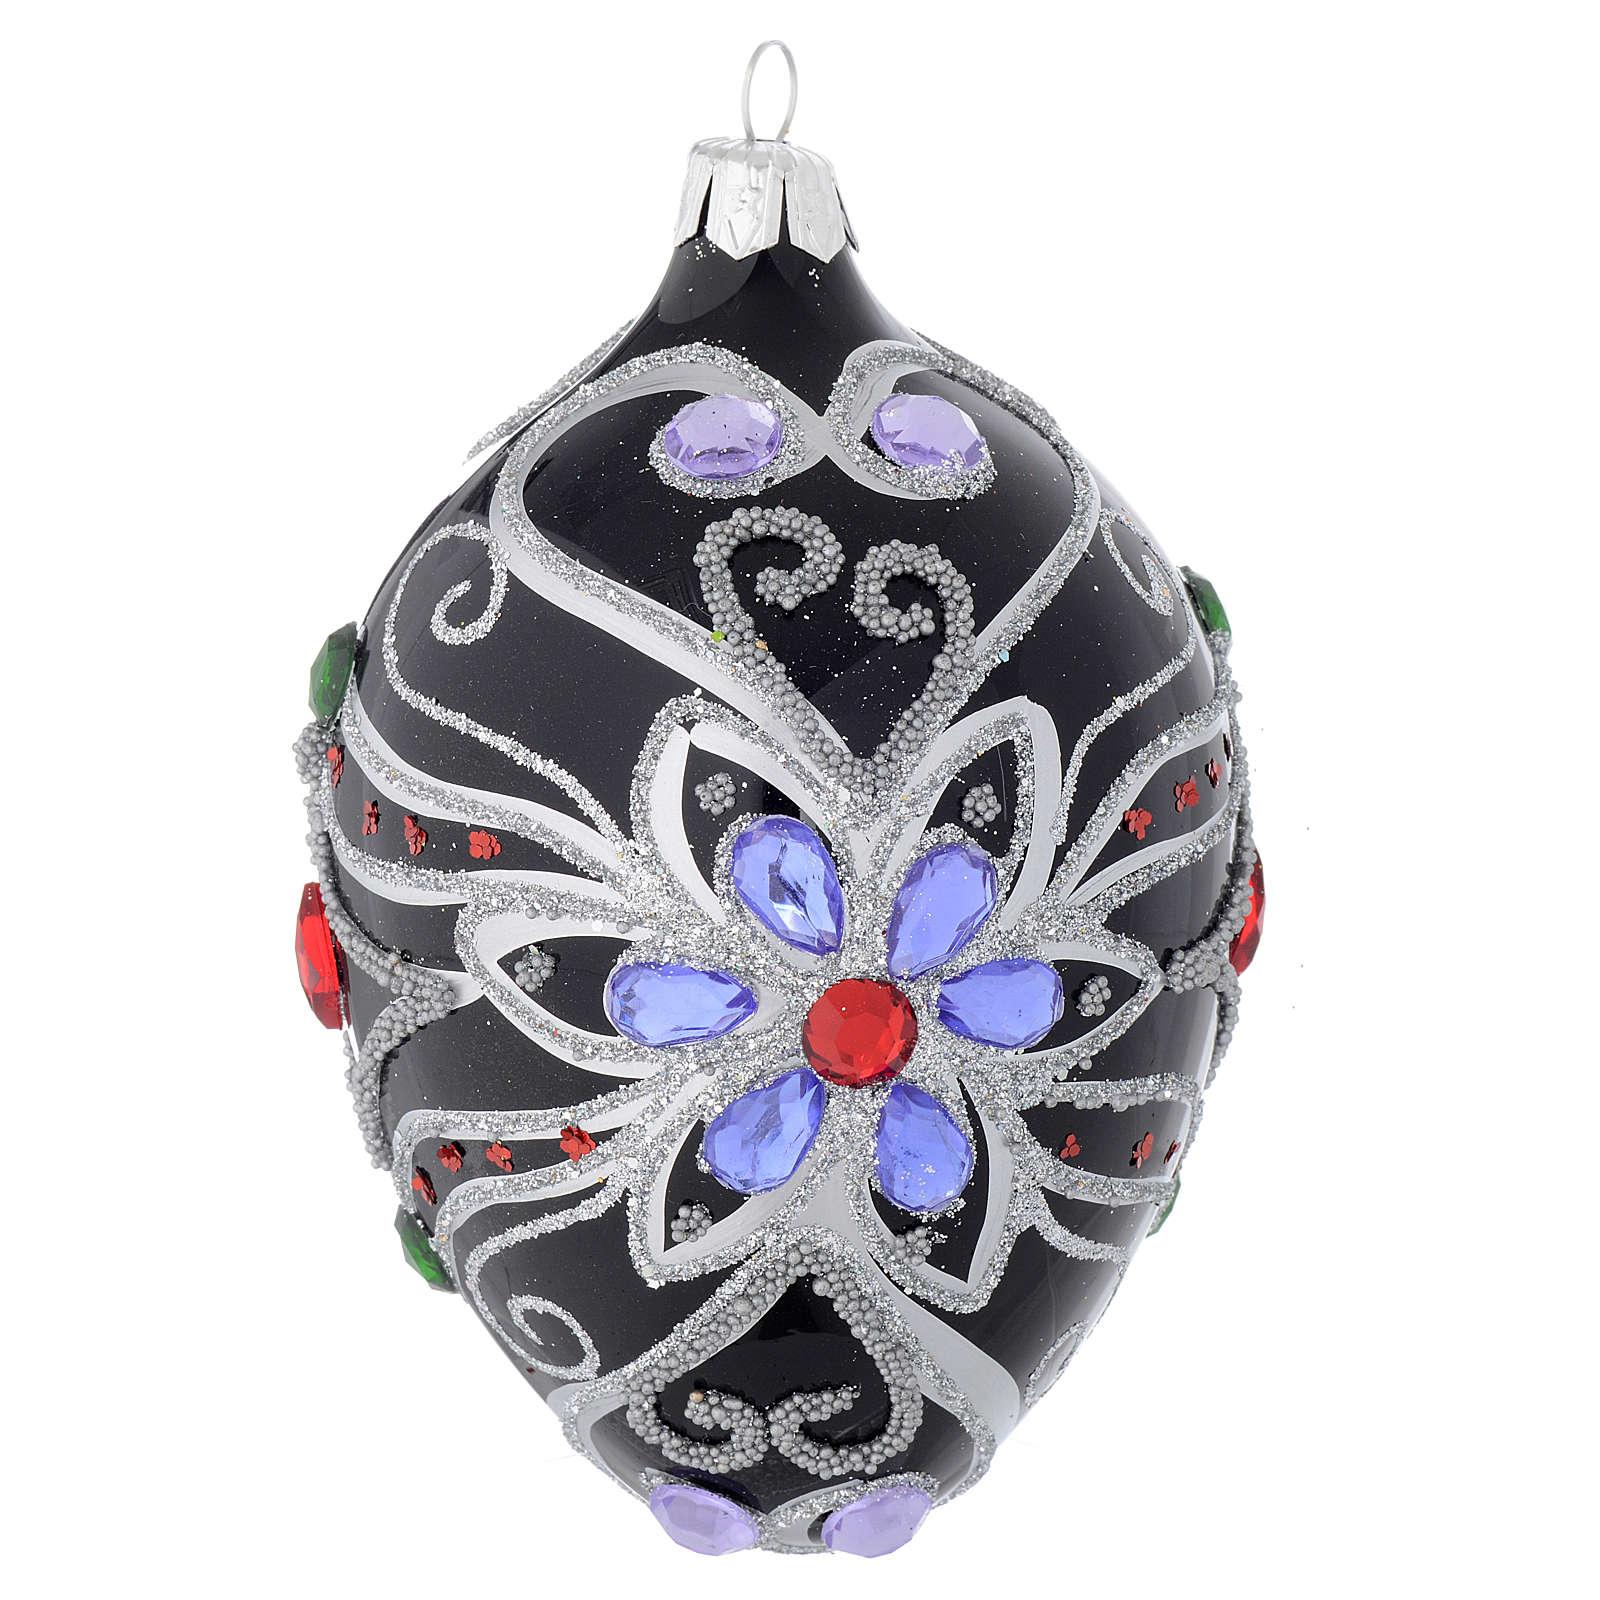 Palla Natale ovale in vetro decoro floreale nero e argento 130 mm 4